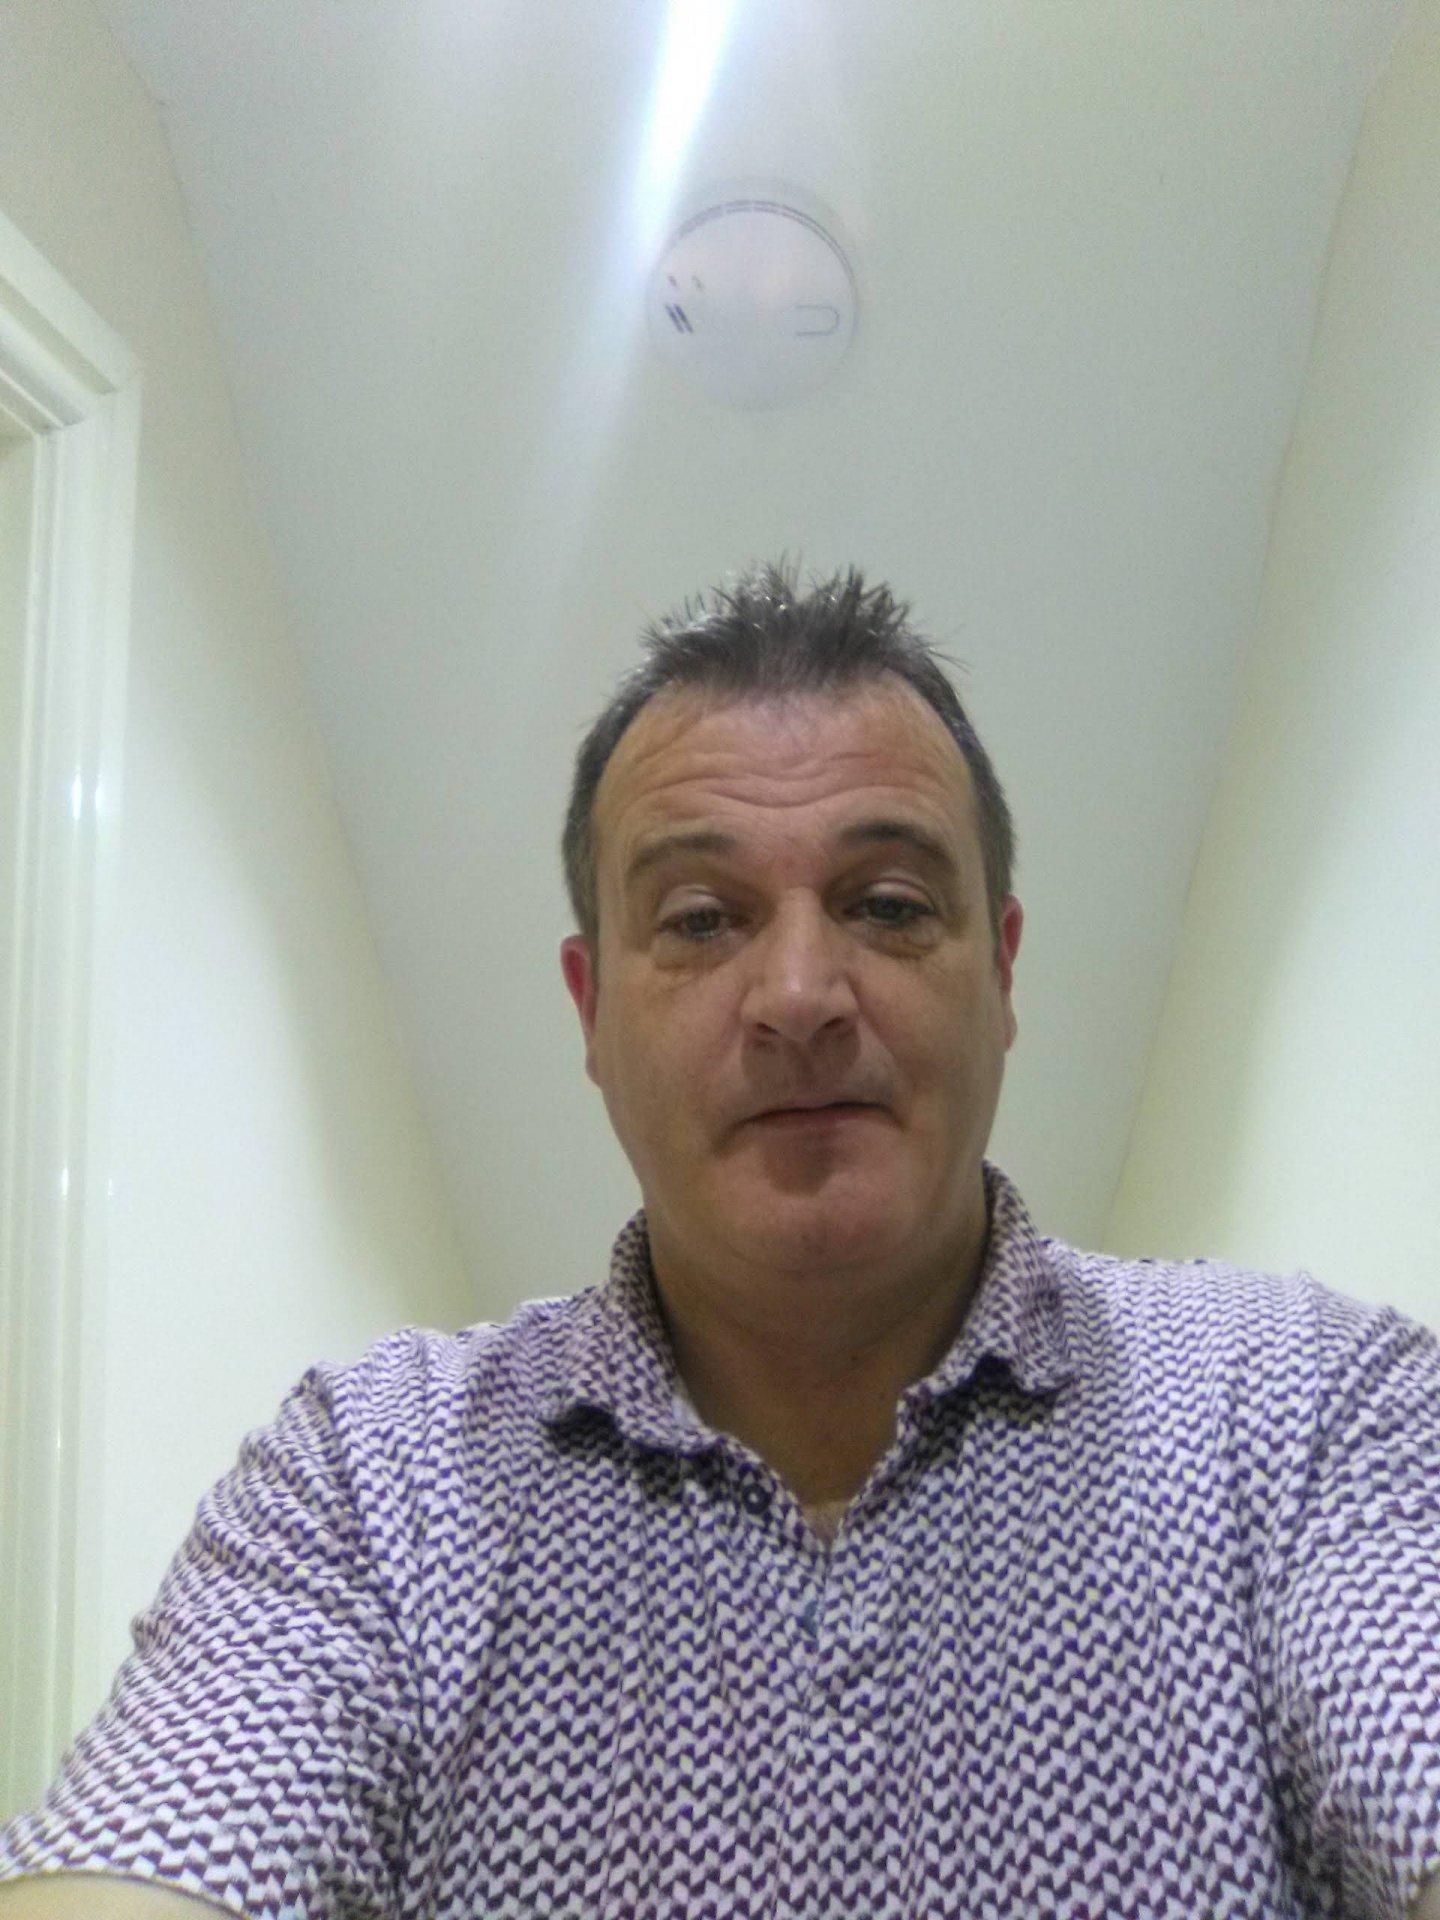 nikey from Cardiff,United Kingdom